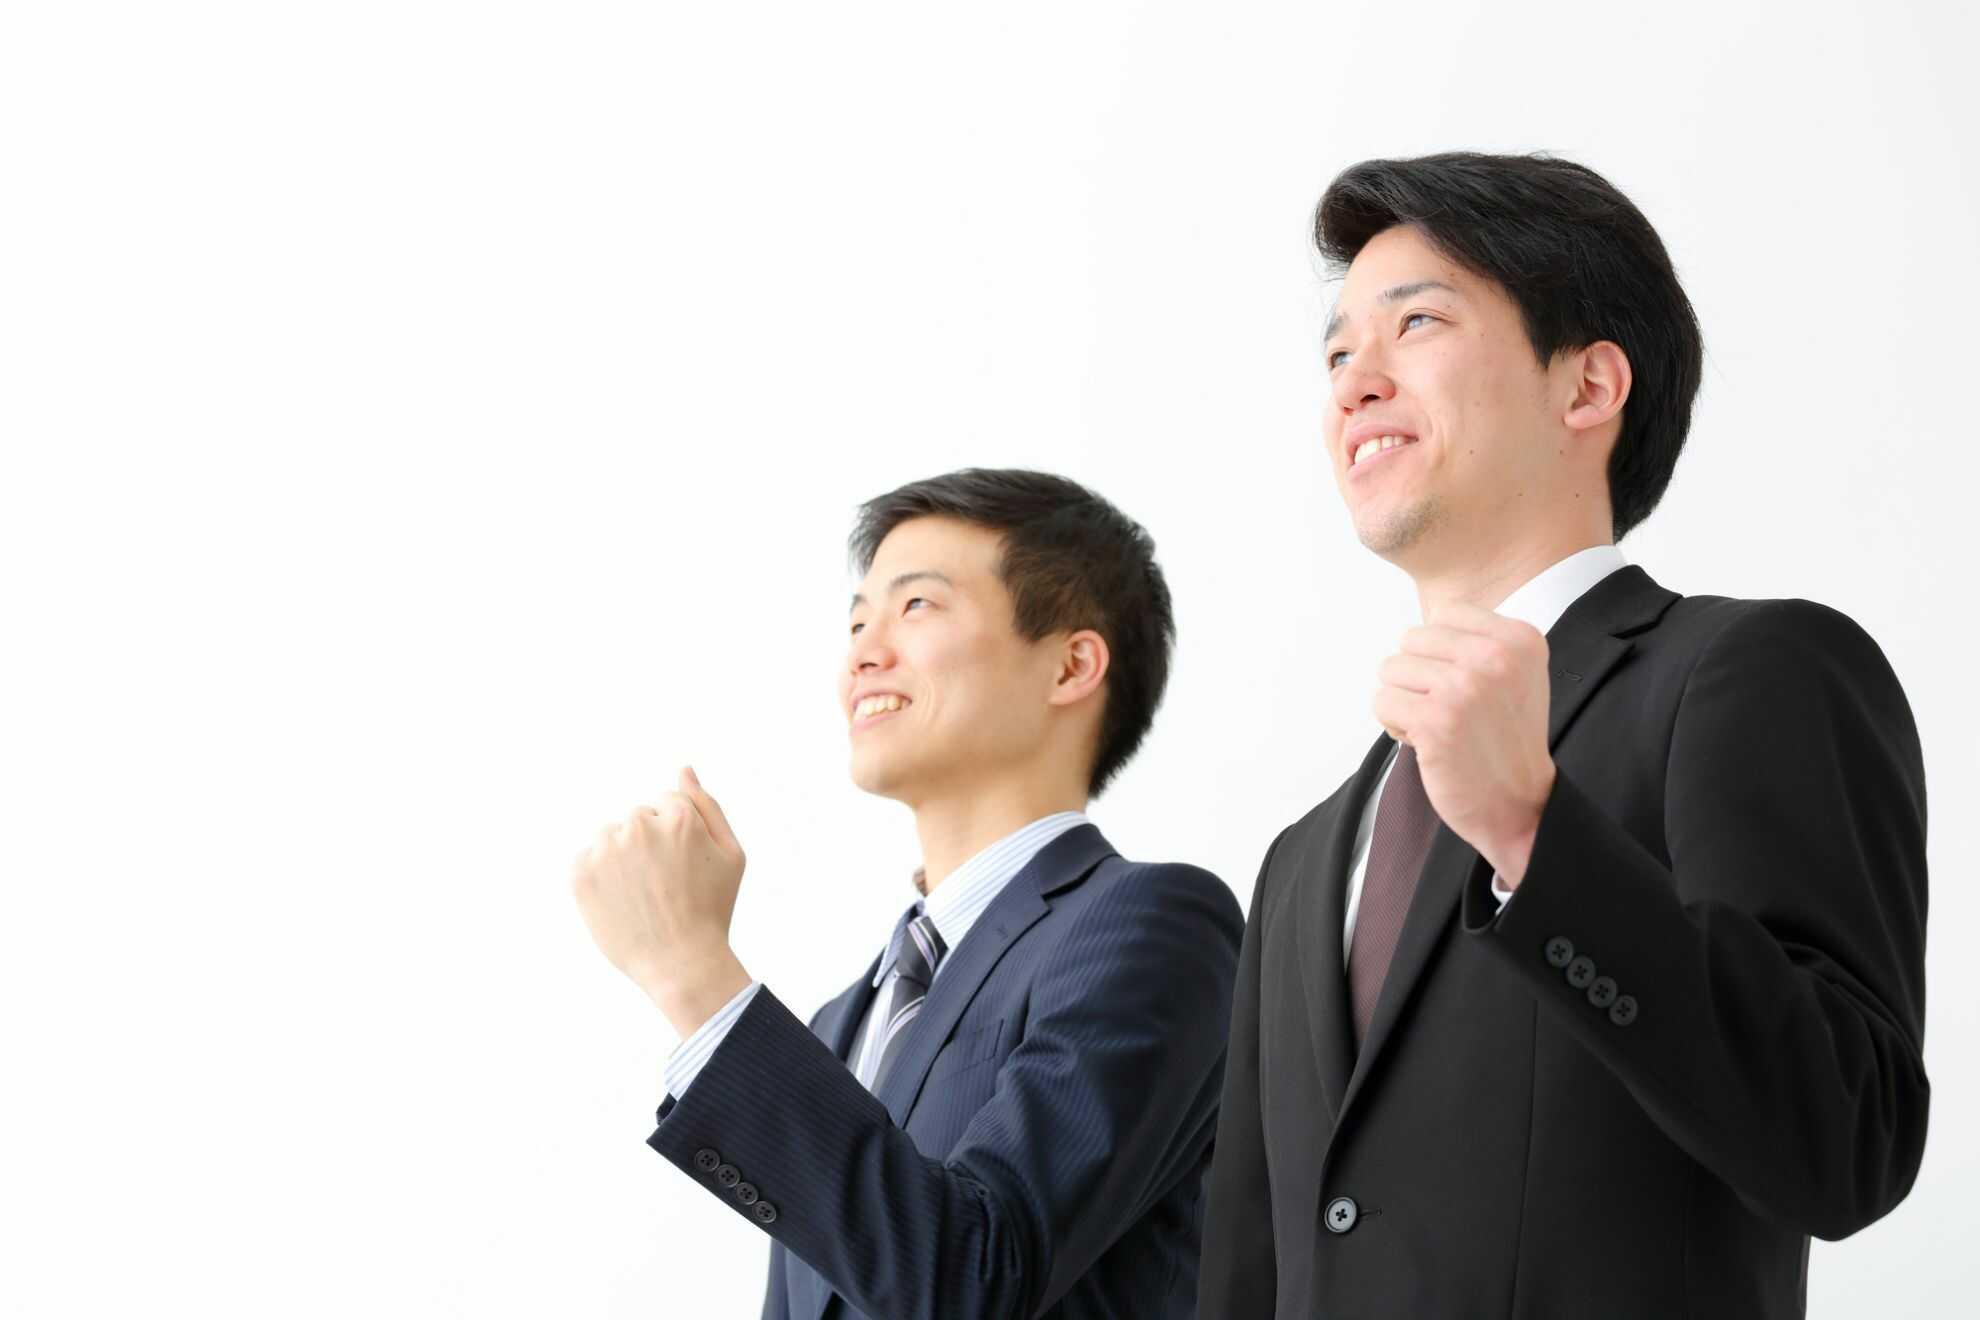 こぶしを握って前を見ている2人の男性